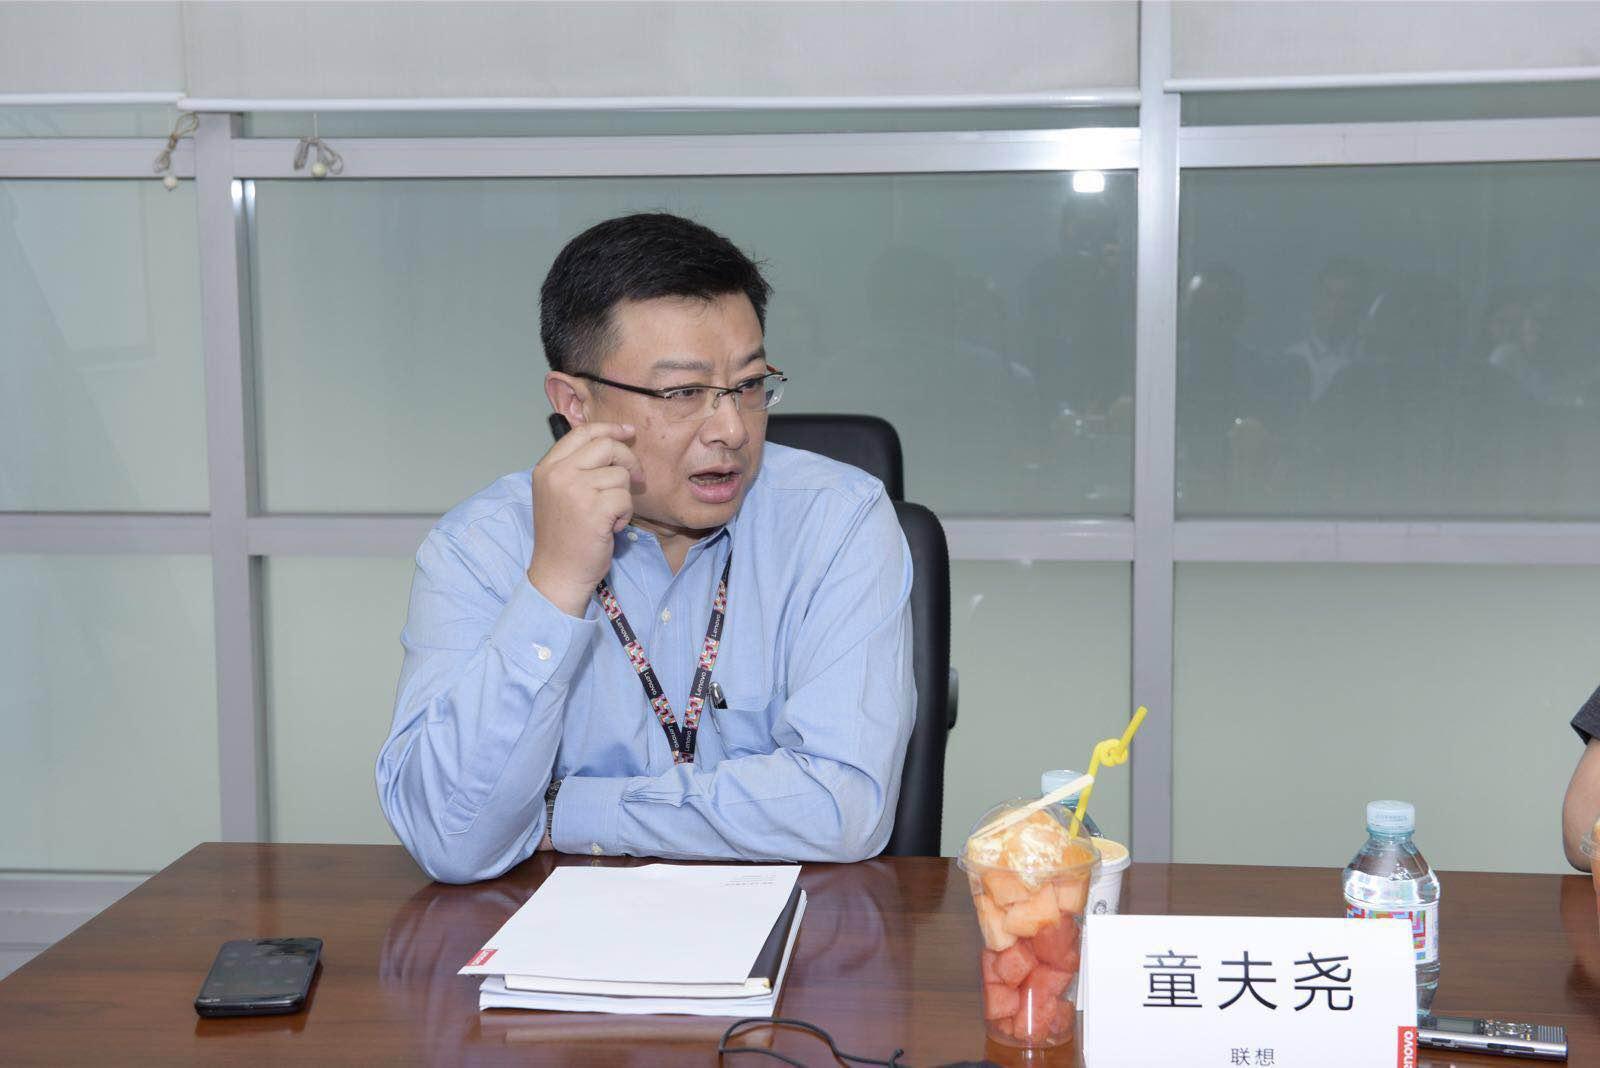 前线 | 对话童夫尧:联想DCG中国区不看重市场份额,看重利润